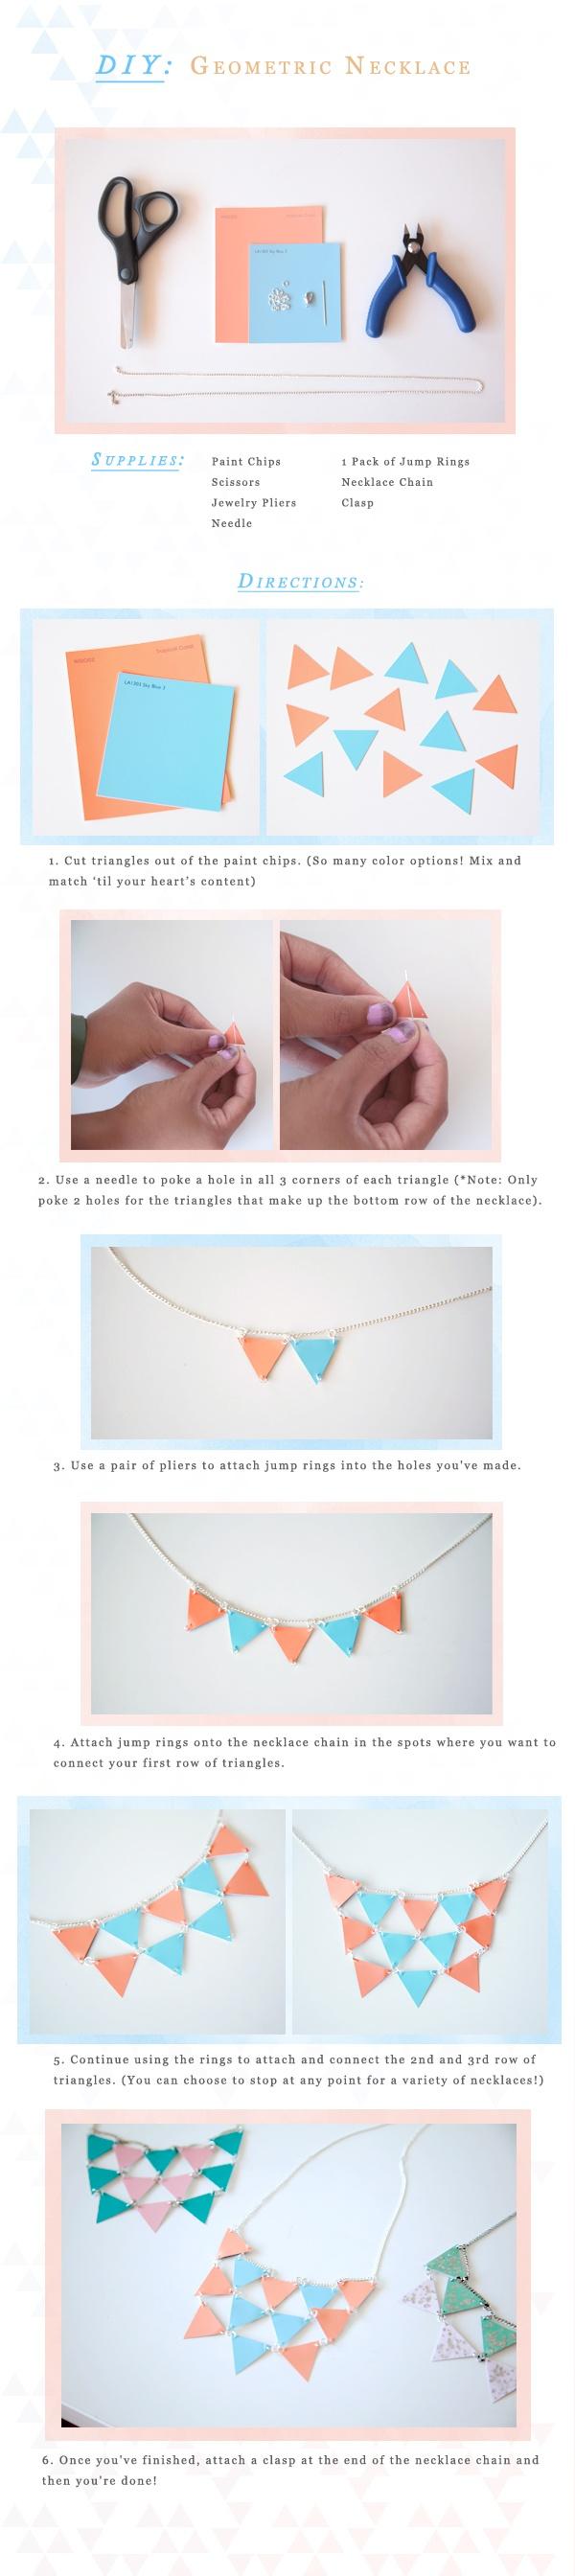 Paint chip necklace [duitang.com]